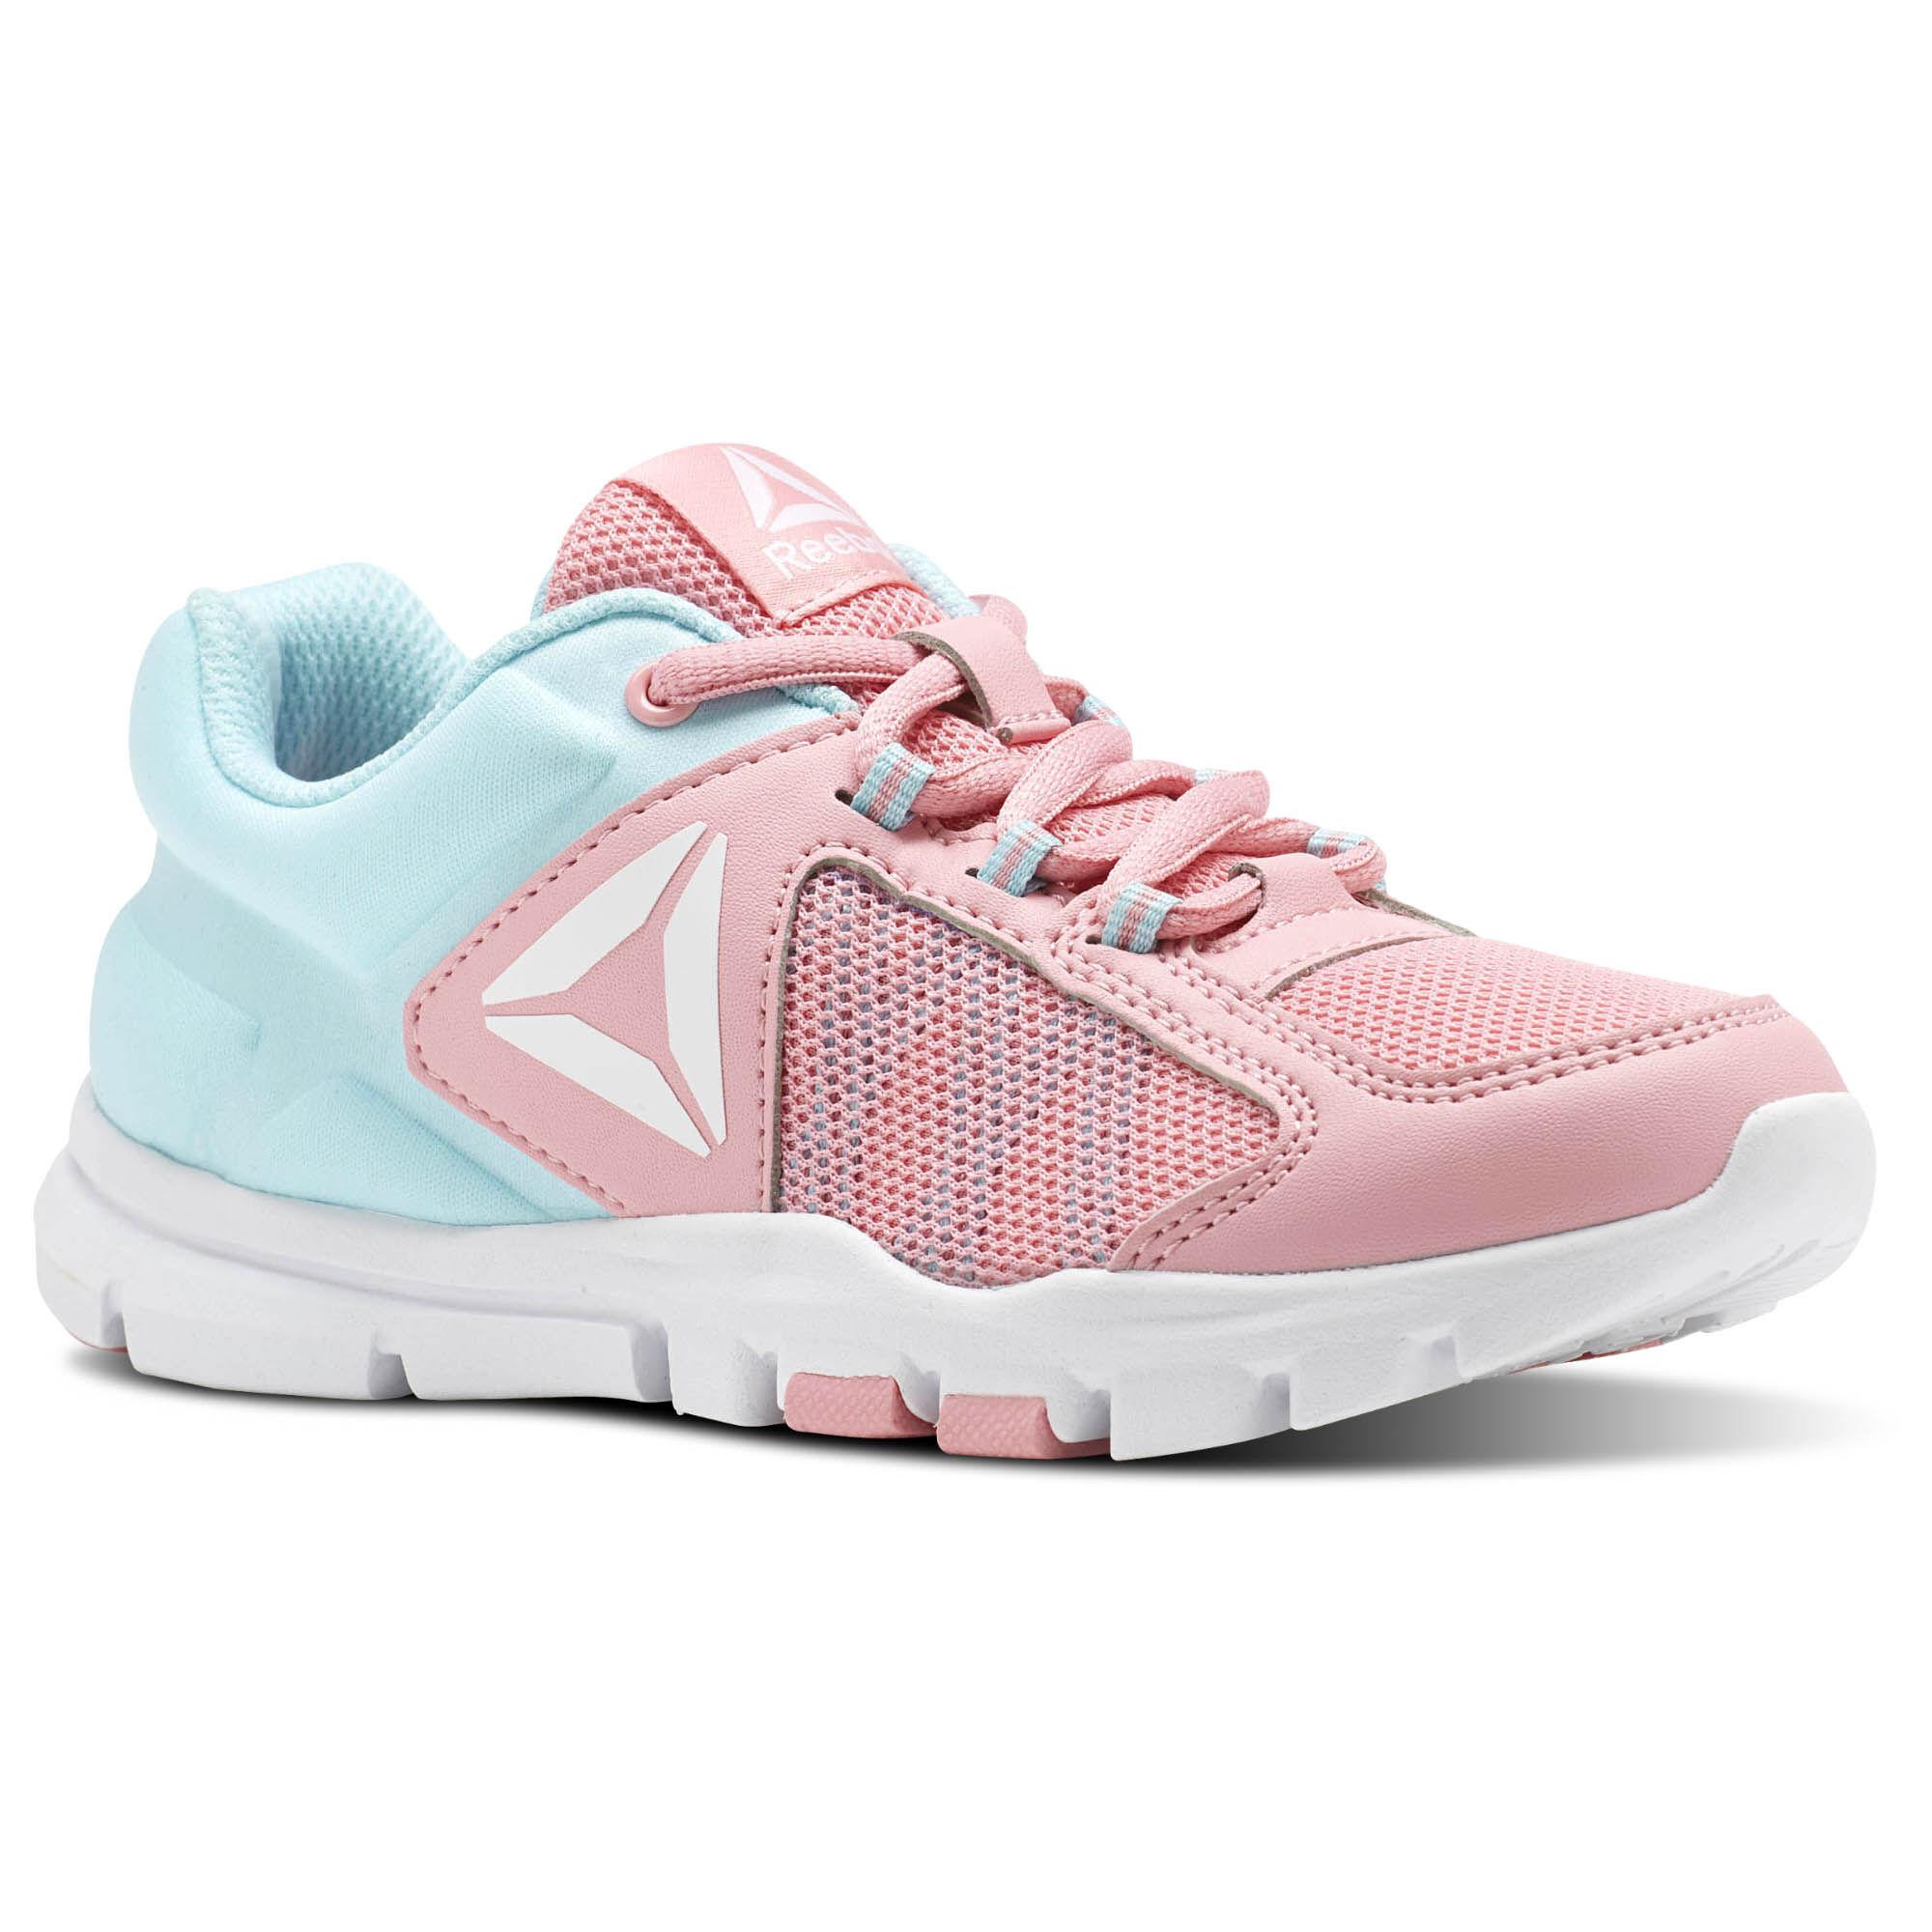 Schuhe Reebok - Road Supreme Alt CN4204 Pink/White IscrC1n